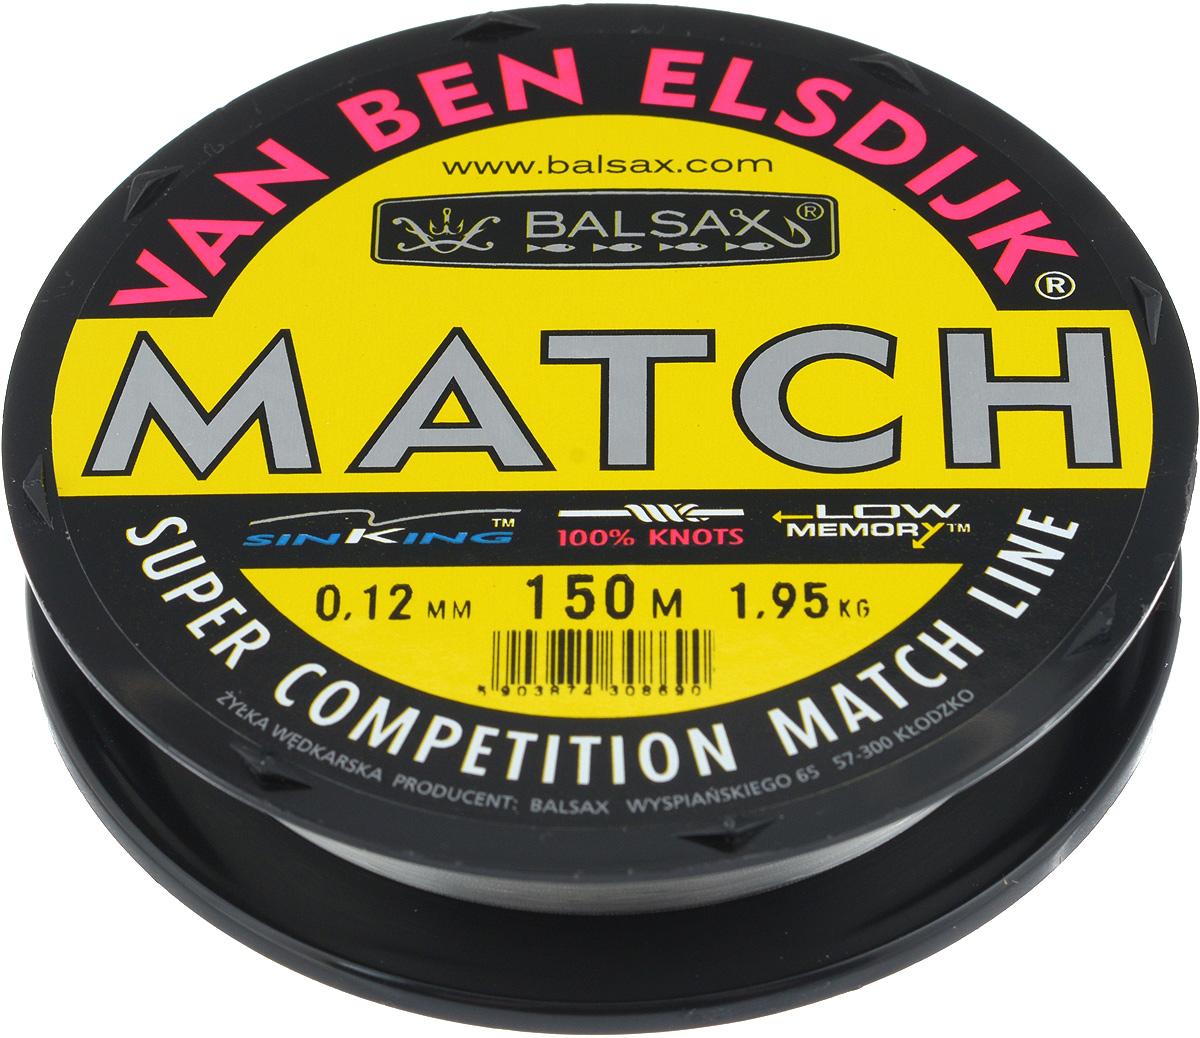 Леска Balsax Match VBE, 150 м, 0,12 мм, 1,95 кг59288Опытным спортсменам, участвующим в соревнованиях, нужна надежная леска, в которой можно быть уверенным в любой ситуации. Леска Balsax Match VBE отличается замечательной прочностью на узле и высокой сопротивляемостью к истиранию. Она была проверена на склонность к остаточным деформациям, чтобы убедиться в том, что она обладает наиболее подходящей растяжимостью, отвечая самым строгим требованиям рыболовов. Такая леска отлично подходит как для спортивного, так и для любительского рыболовства.